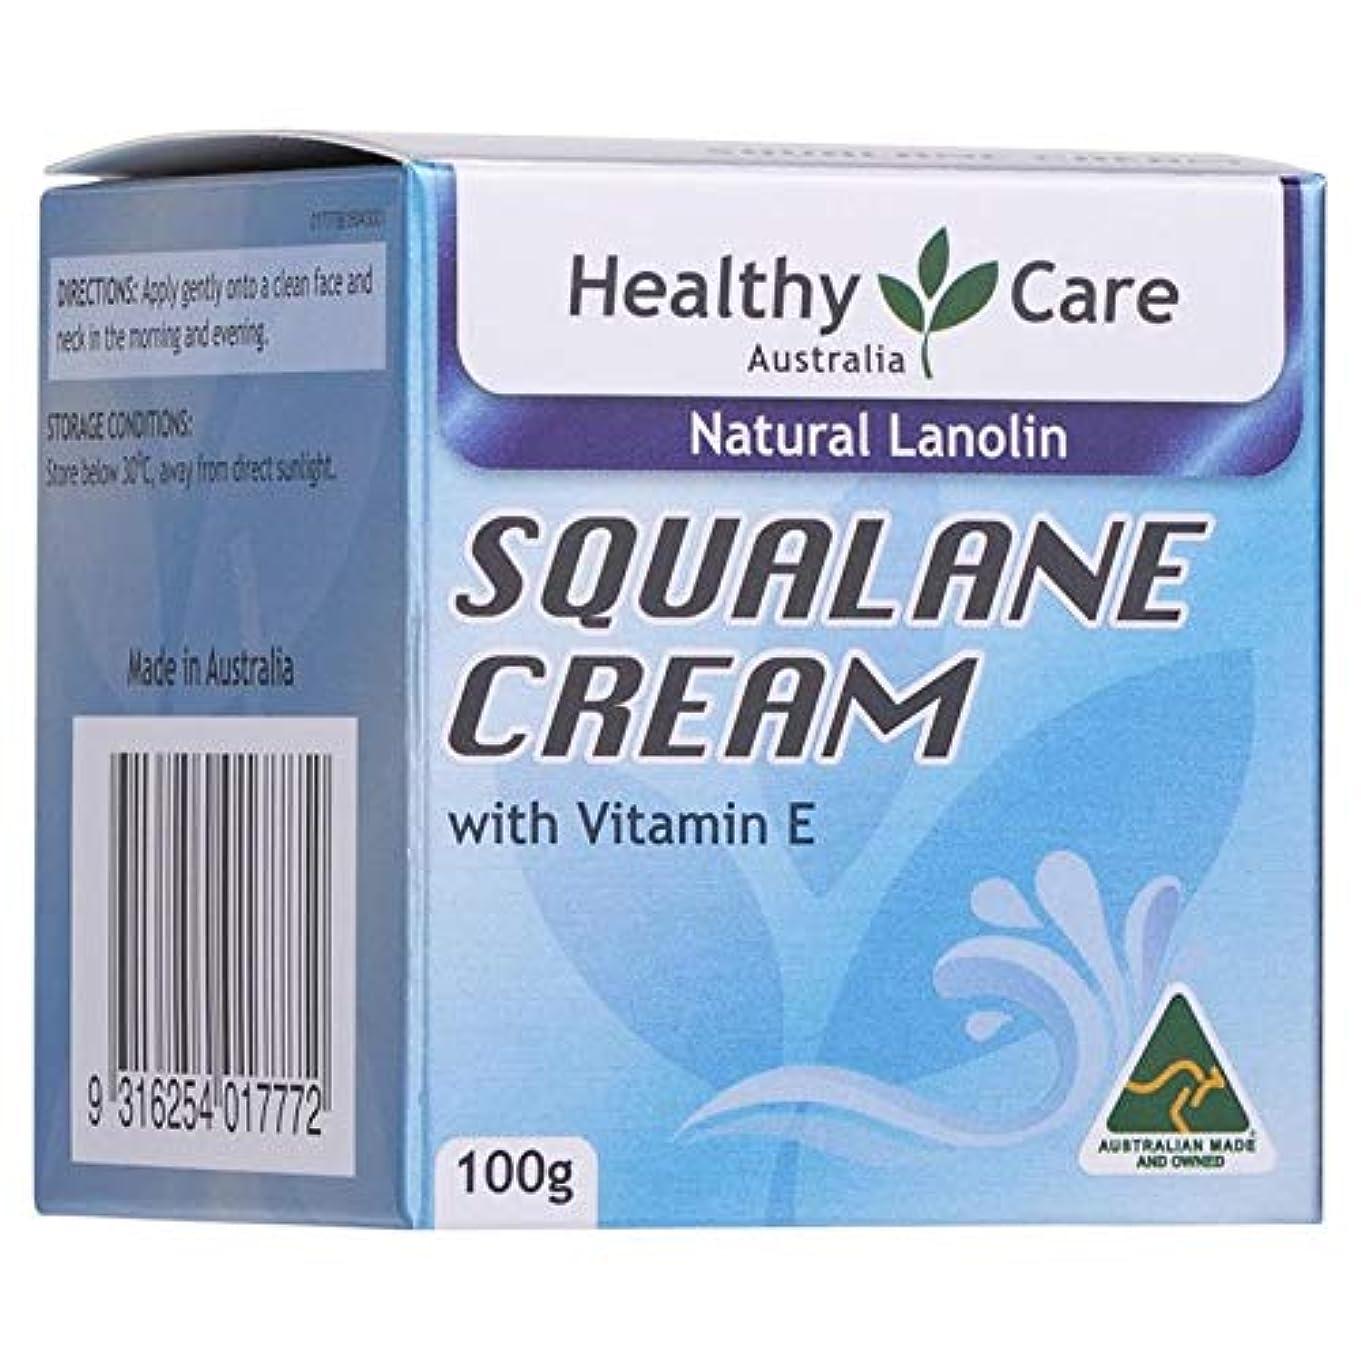 強調する被害者いいね[Healthy Care] スクワラン クリーム ビタミンE配合 (SQUALANE CREAM with Vitamin E) 100g 【海外直送品】